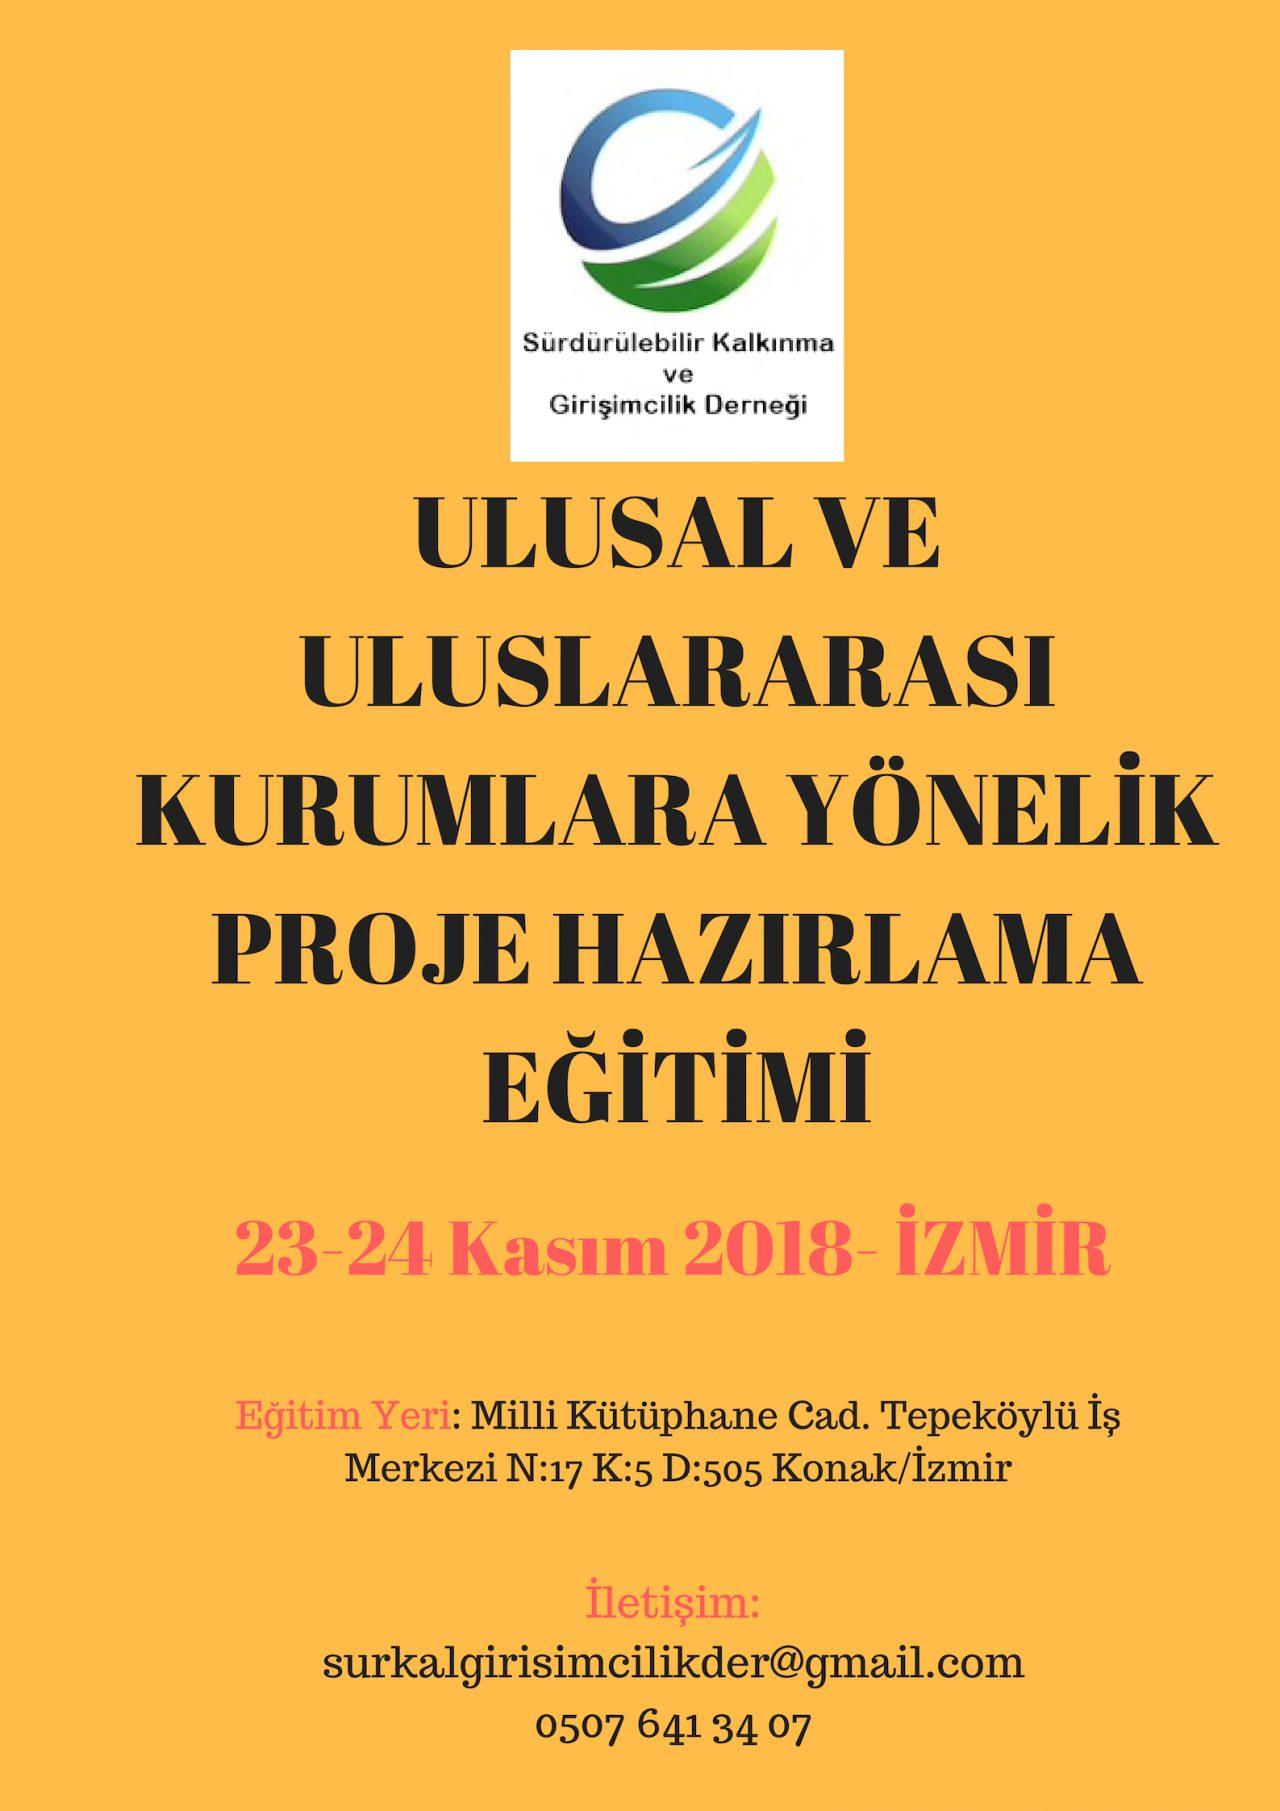 ULUSAL-VE-ULUSLARARASI-KURUMLARA-YÖNELİK-PROJE-HAZIRLAMA-EĞİTİMİ-1280x1811.jpg